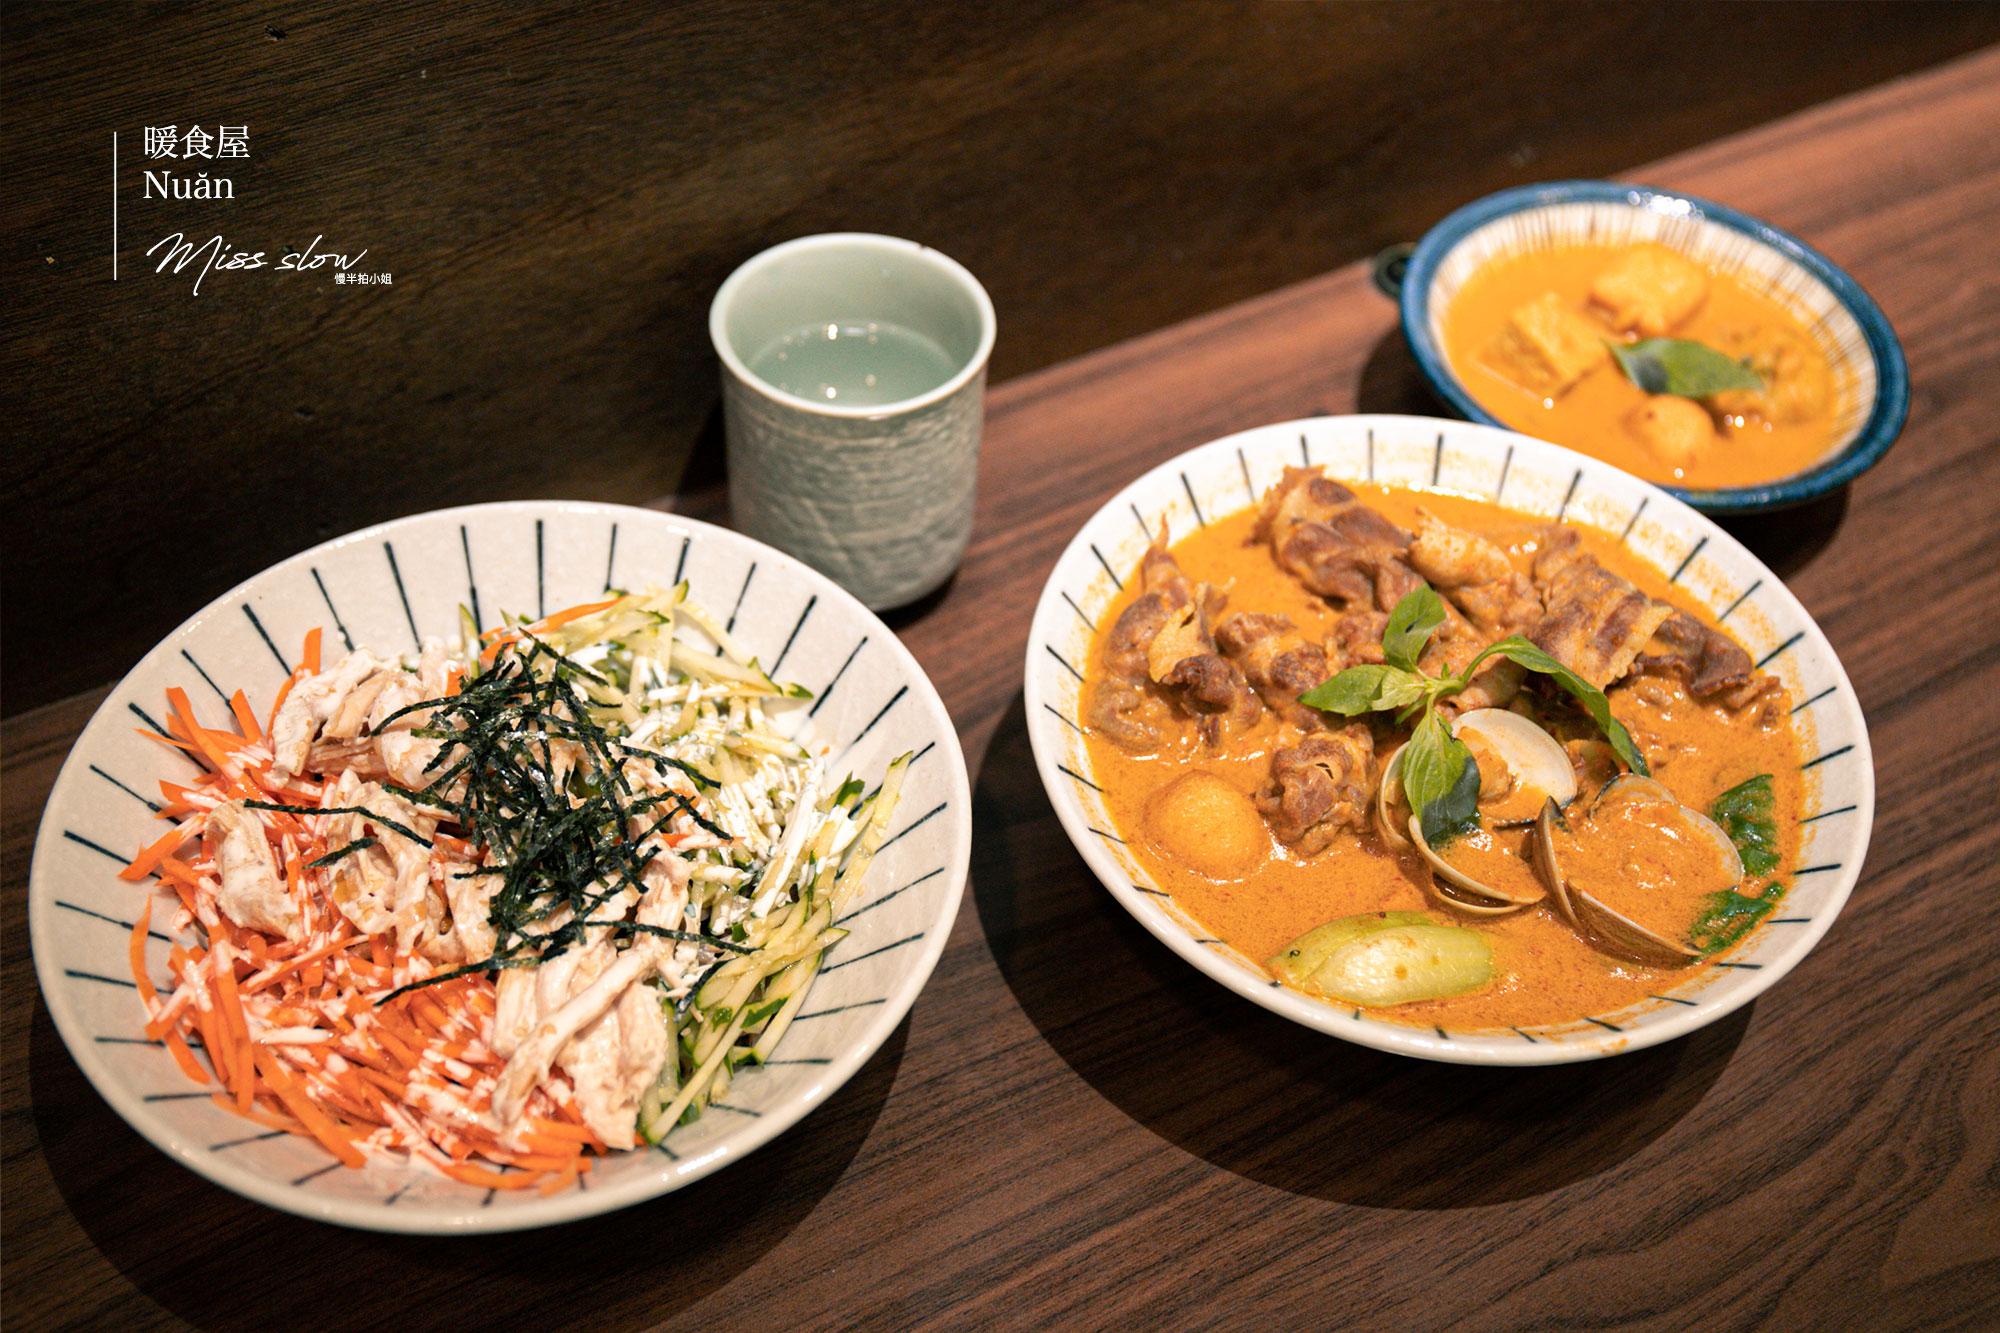 台中暖食屋南洋料理_海鮮南洋拉撒麵